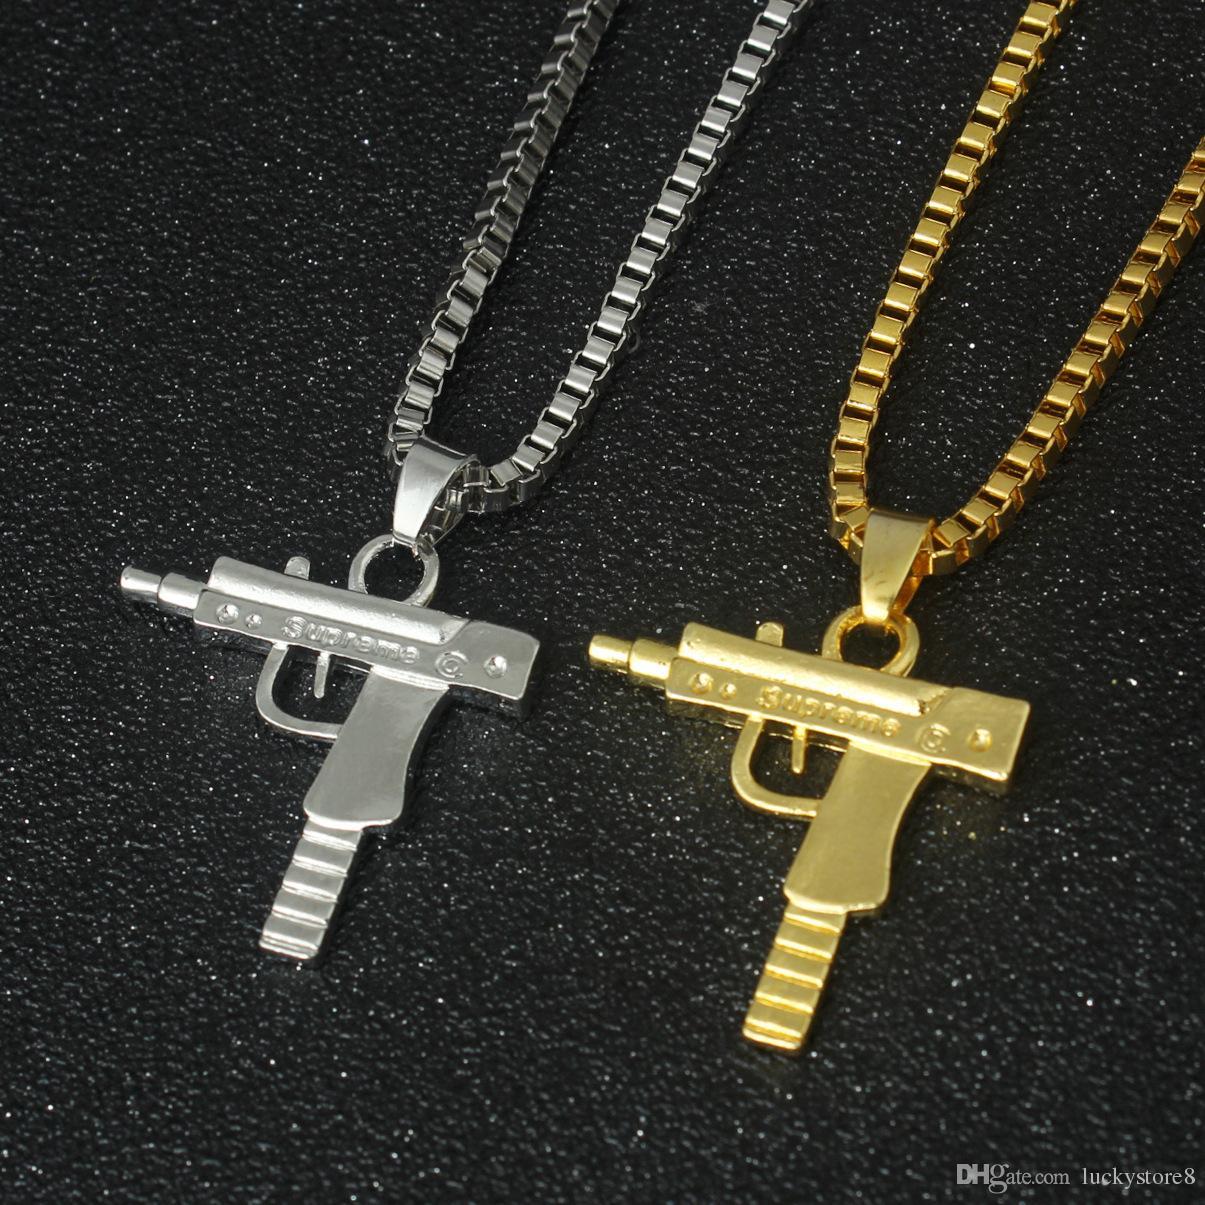 Новый Узи Gold Chain Hip Hop Длинные ожерелье Мужчины Женщины моды Марка Gun Форма пистолета Подвеска Maxi ожерелье HIPHOP ювелирных изделий